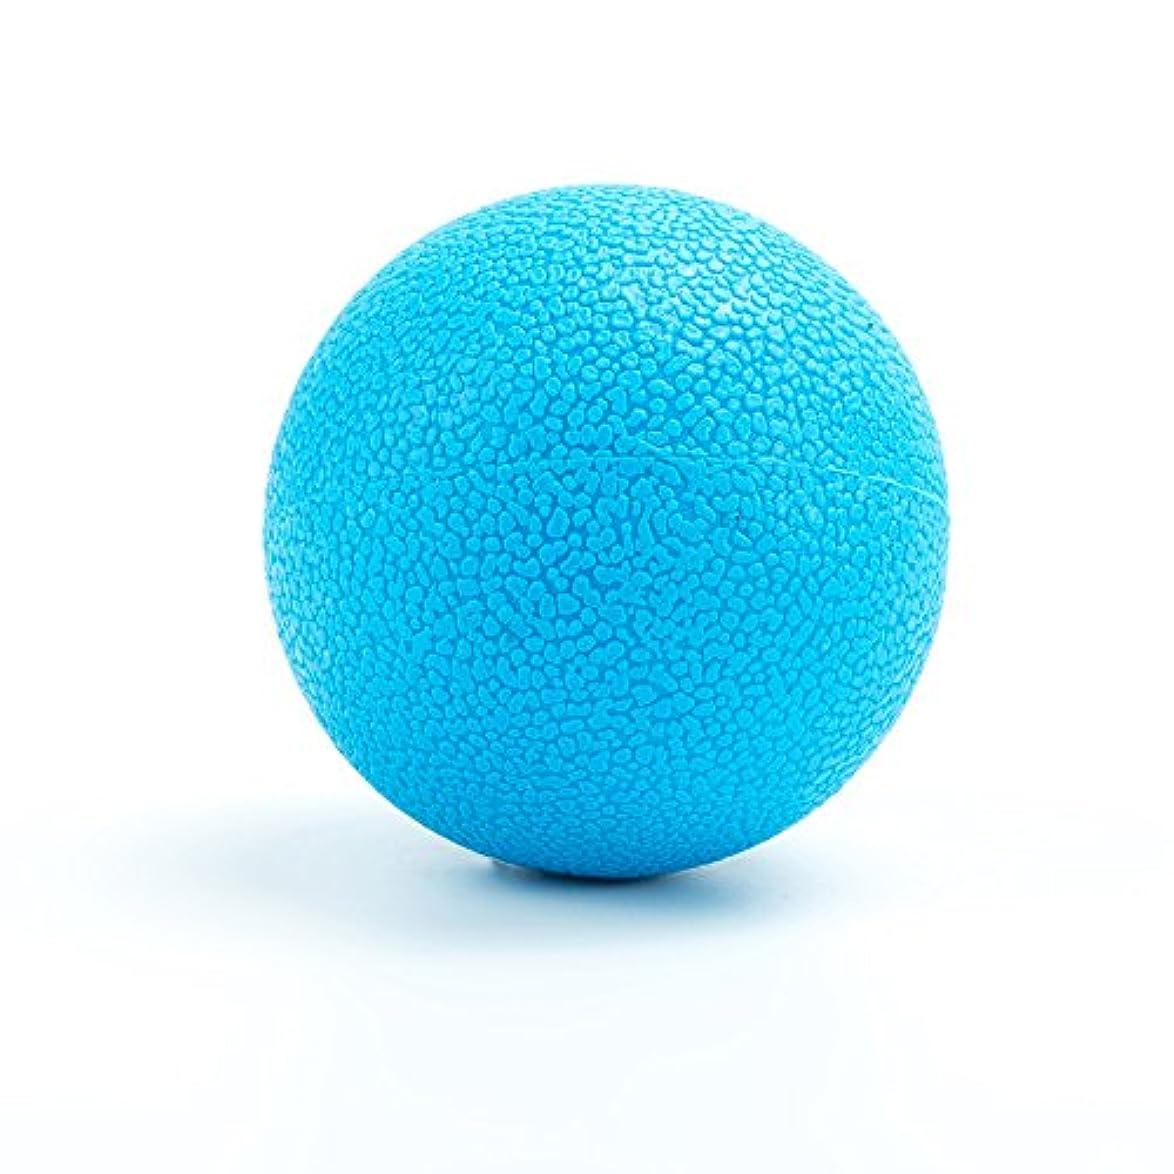 スクラップブック慰め気配りのあるMassage Ball マッサージボール 筋膜リリース Yoga Lacrosse Ball 背中 肩こり 腰 ふくらはぎ 足裏 ツボ押しグッズ